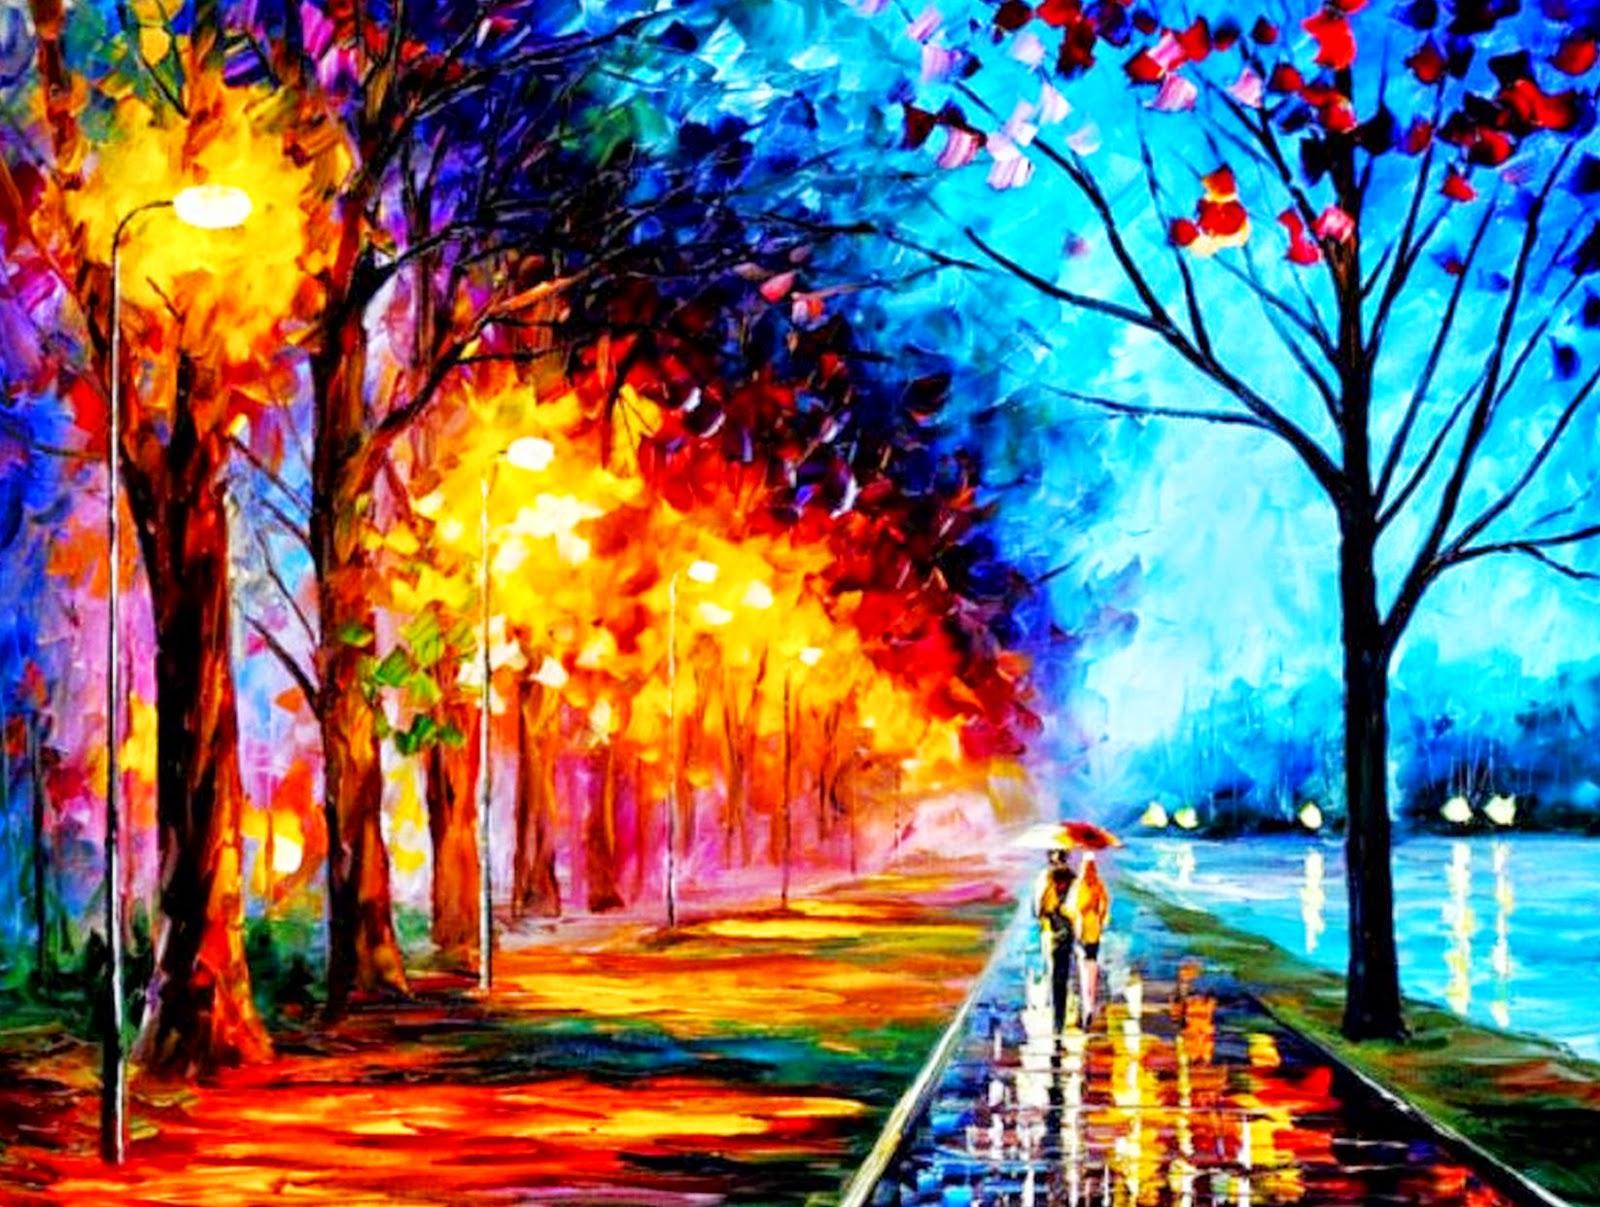 Cuadros modernos pinturas y dibujos hermosas imagenes - Fotos cuadros modernos ...